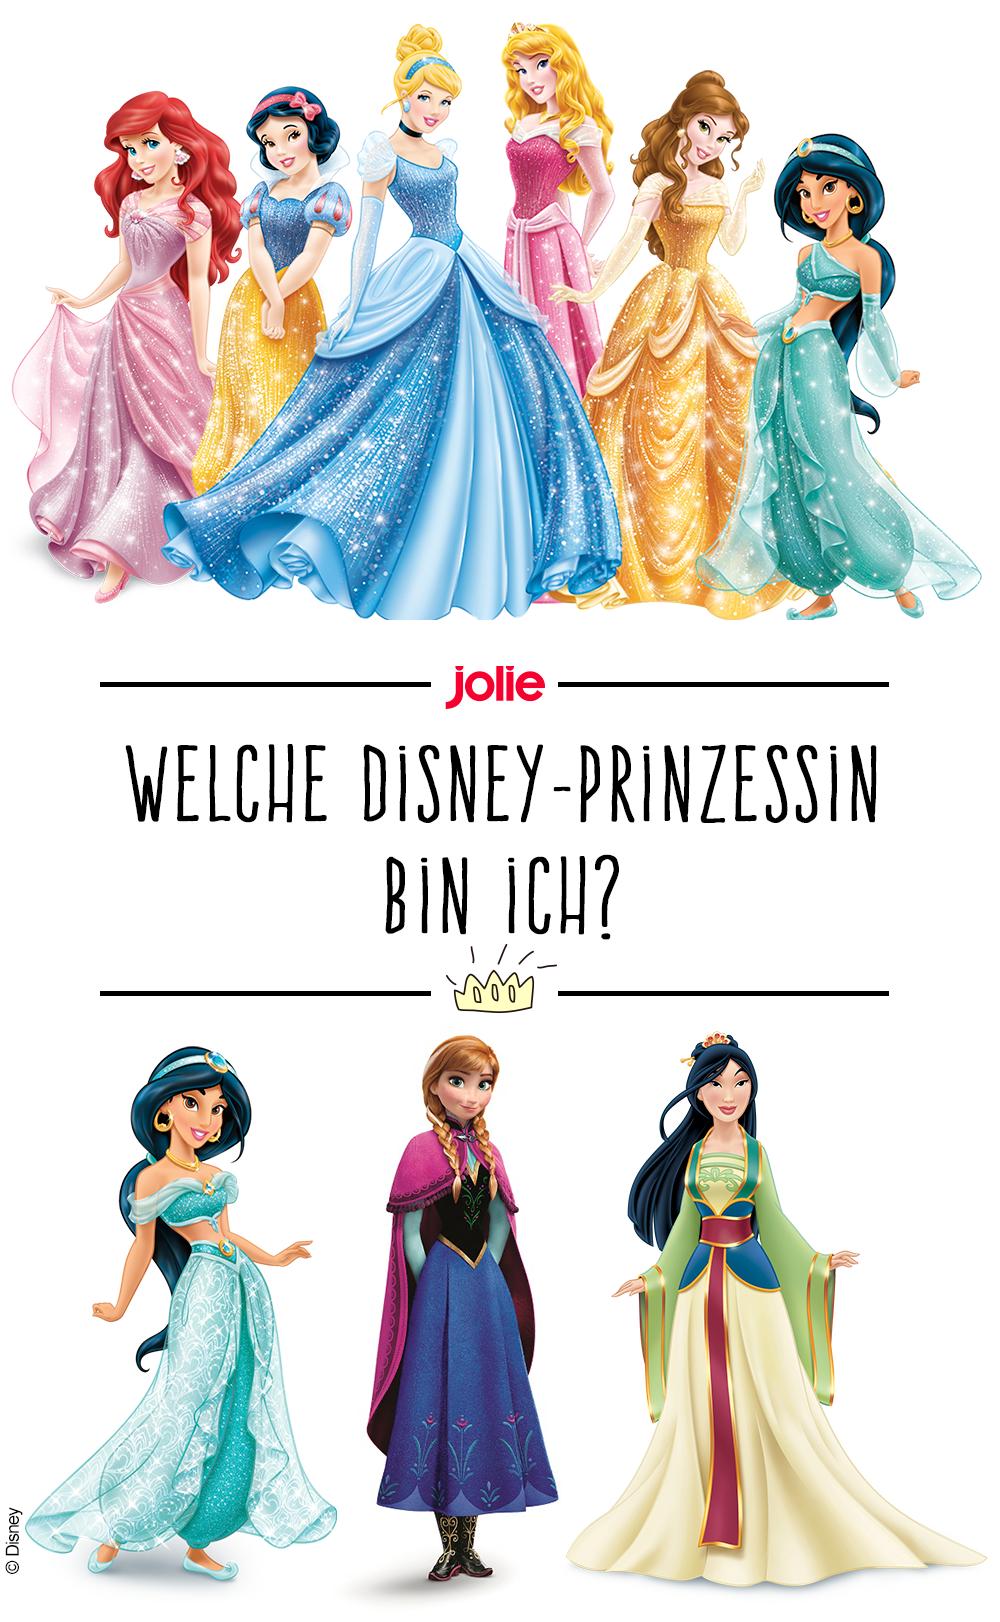 Welche Disney Prinzessin Bin Ich Disney Prinzessin Disney Prinzessin Belle Disney Prinzessinnen Kostume